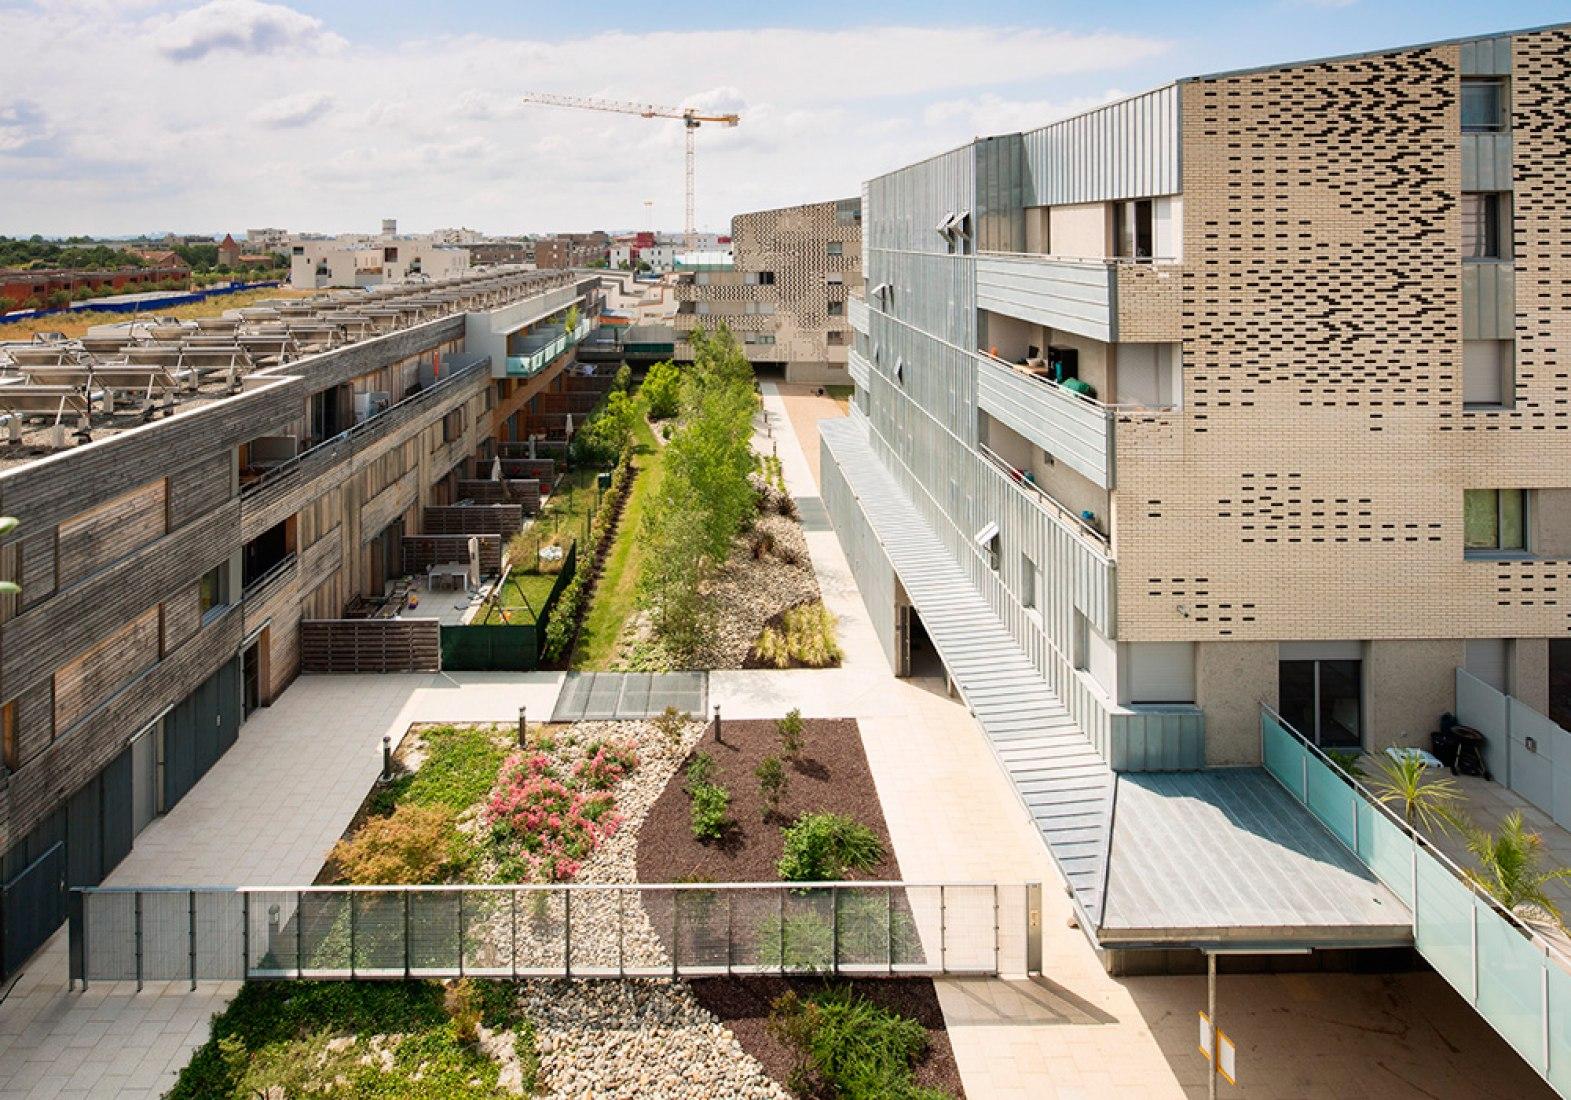 Vista exterior. Viviendas en Toulouse por Mateo Arquitectura. Fotografía © Adrià Goula.